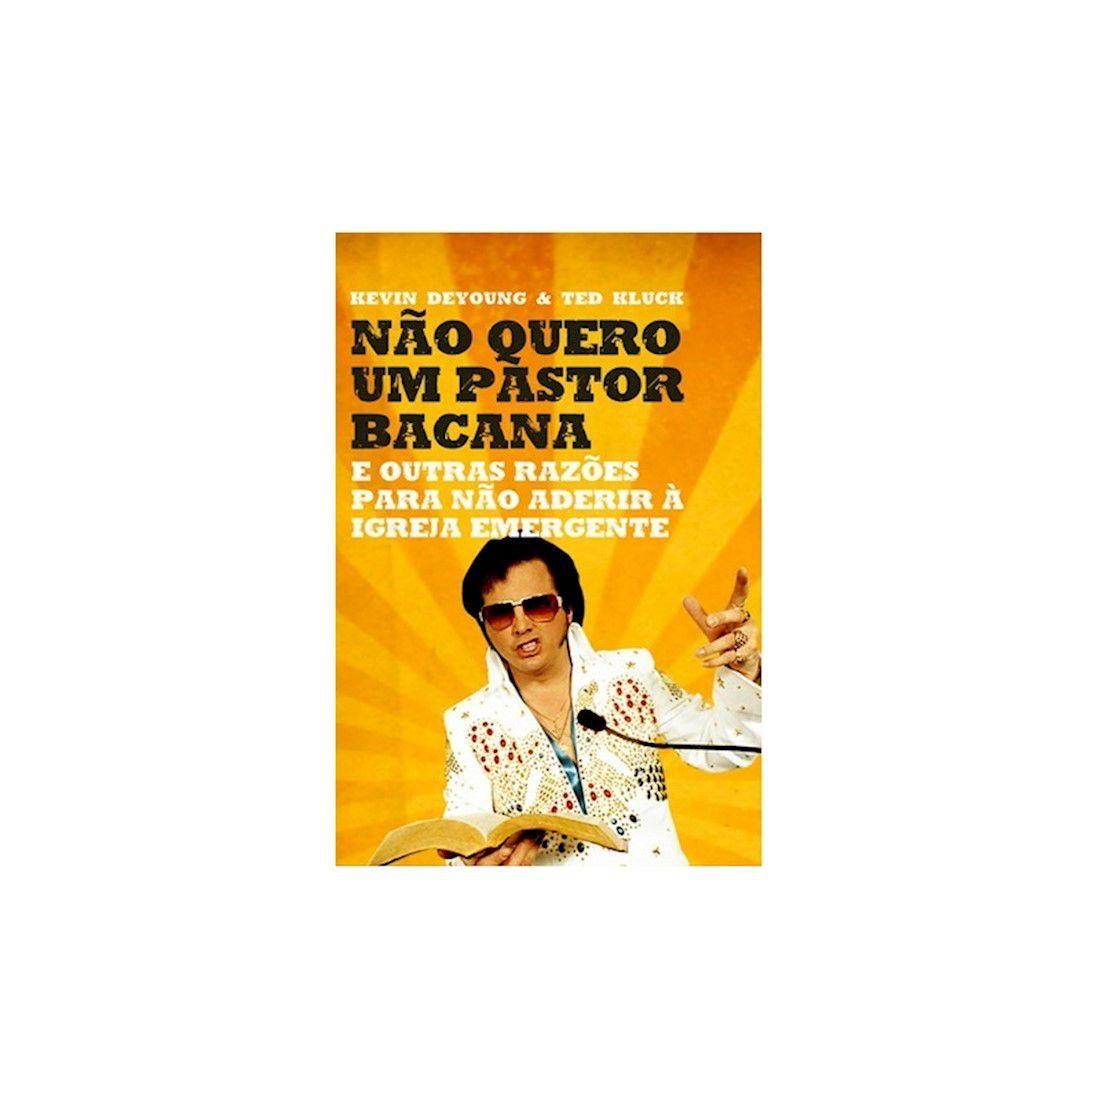 Livro Não Quero um Pastor Bacana - Produto Reembalado